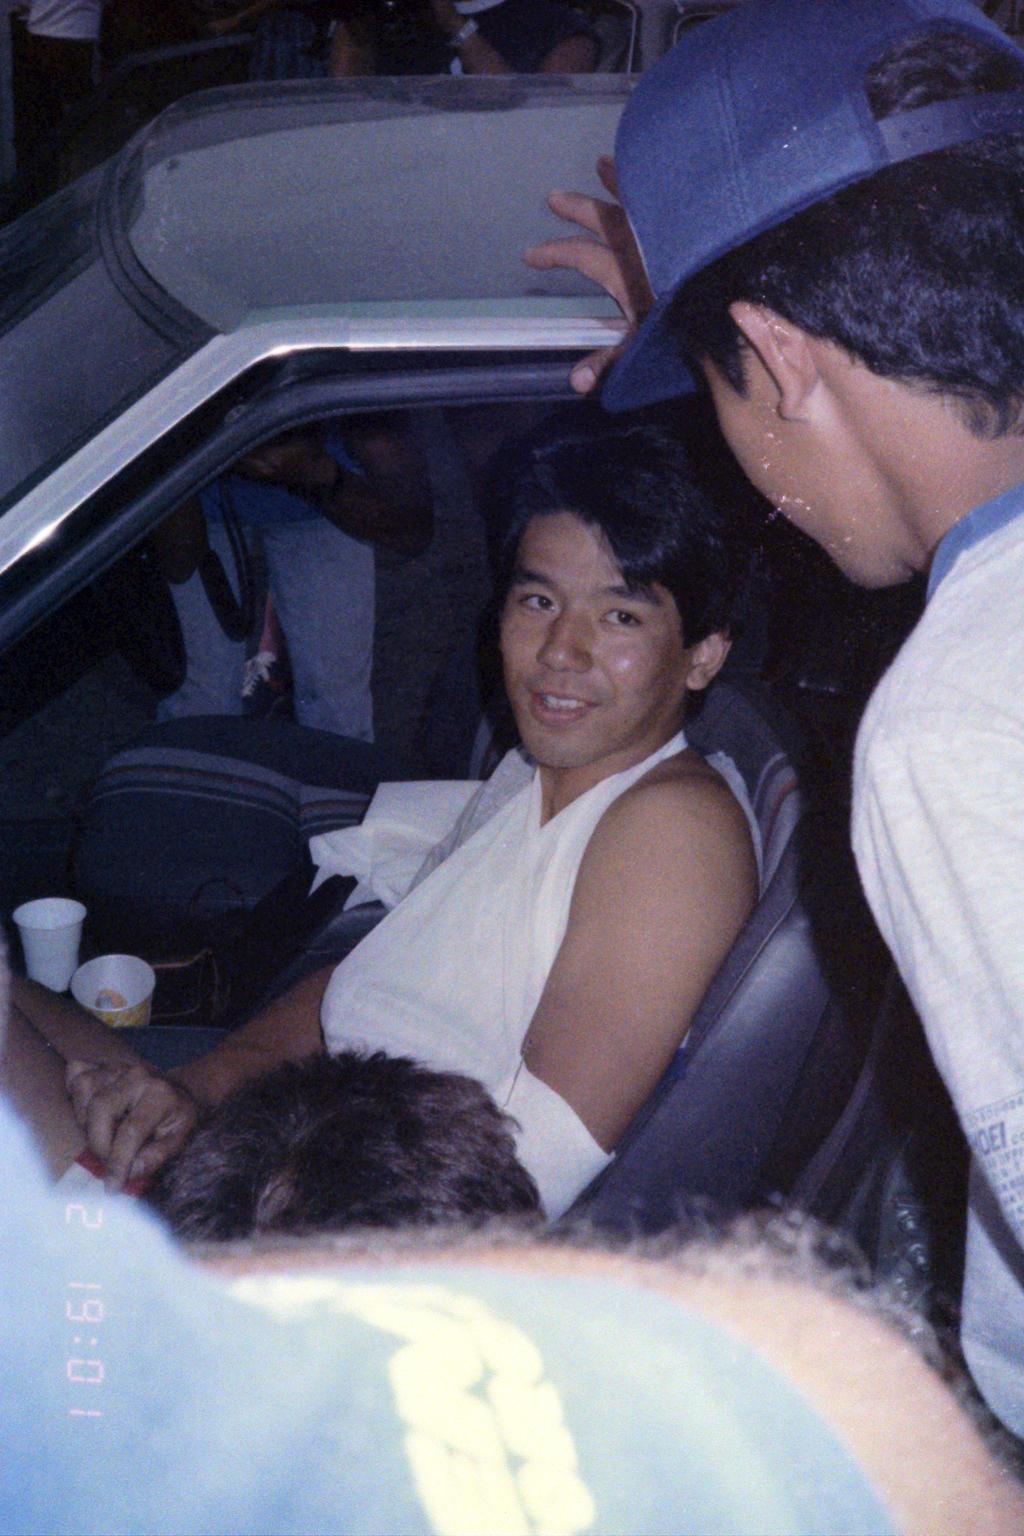 1984_Australia-12-2_病院から帰ってきた宮城を心配して大勢が車を取り囲む